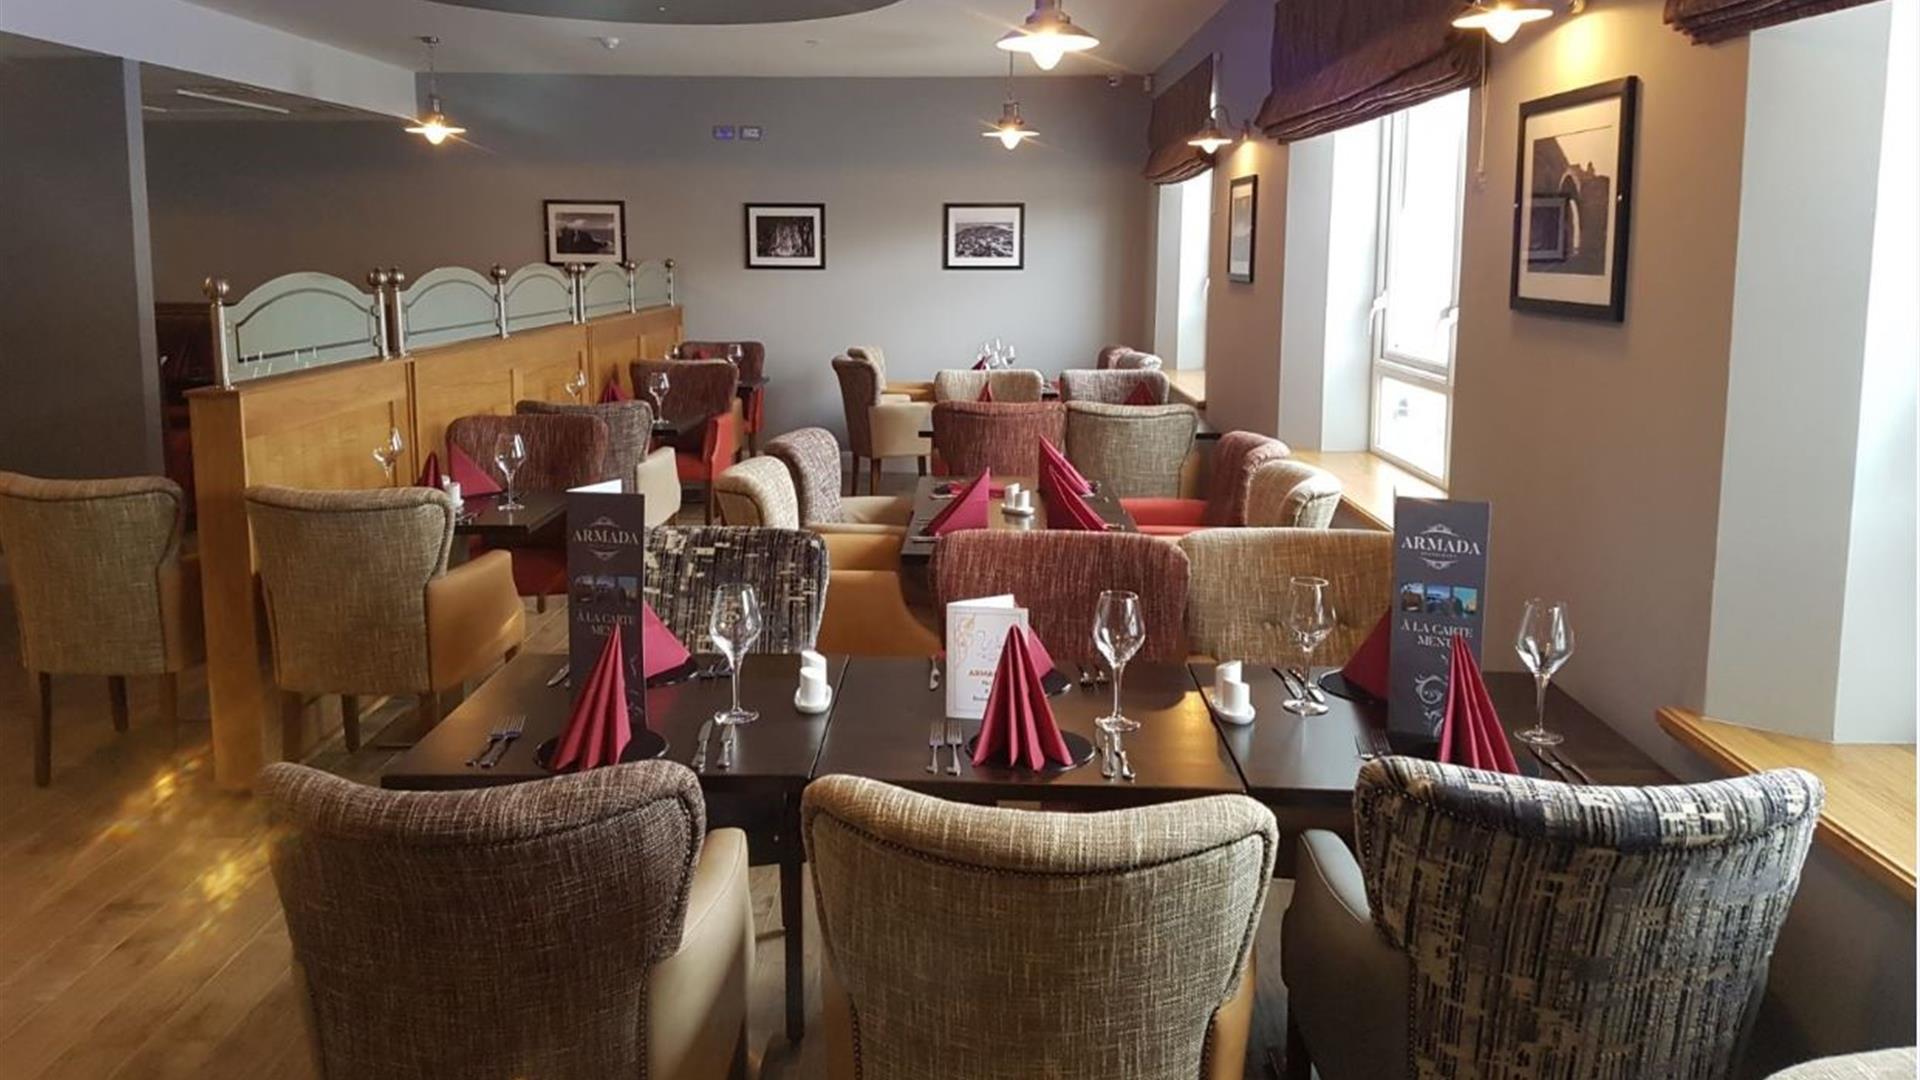 The Armada Inn